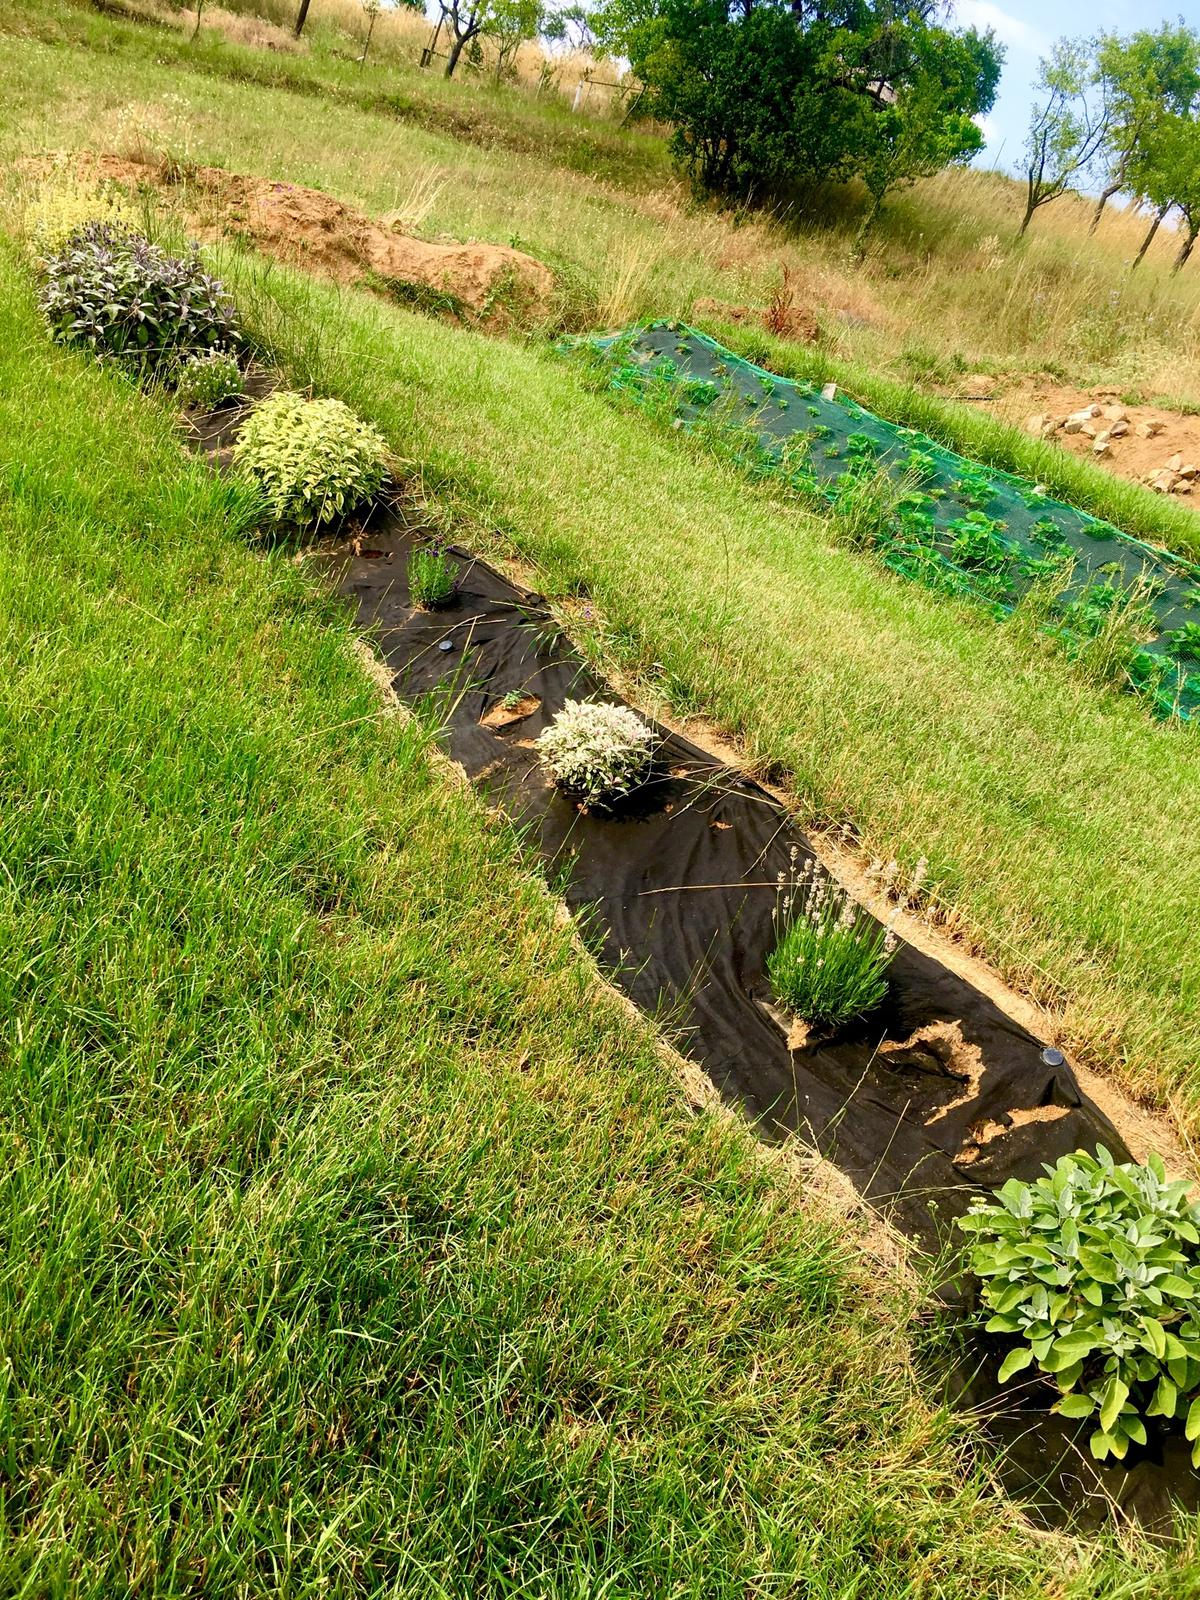 Skřítčí zahrada 2015 - 2020 - Červenec 2019 - šanta kočičí, různé levandule a šalvěje ... plán je rostliny namnožit a tuhle část svahu pokrýt (a nad a pod udělat svejly, stejně jako u bylinkové skalky)